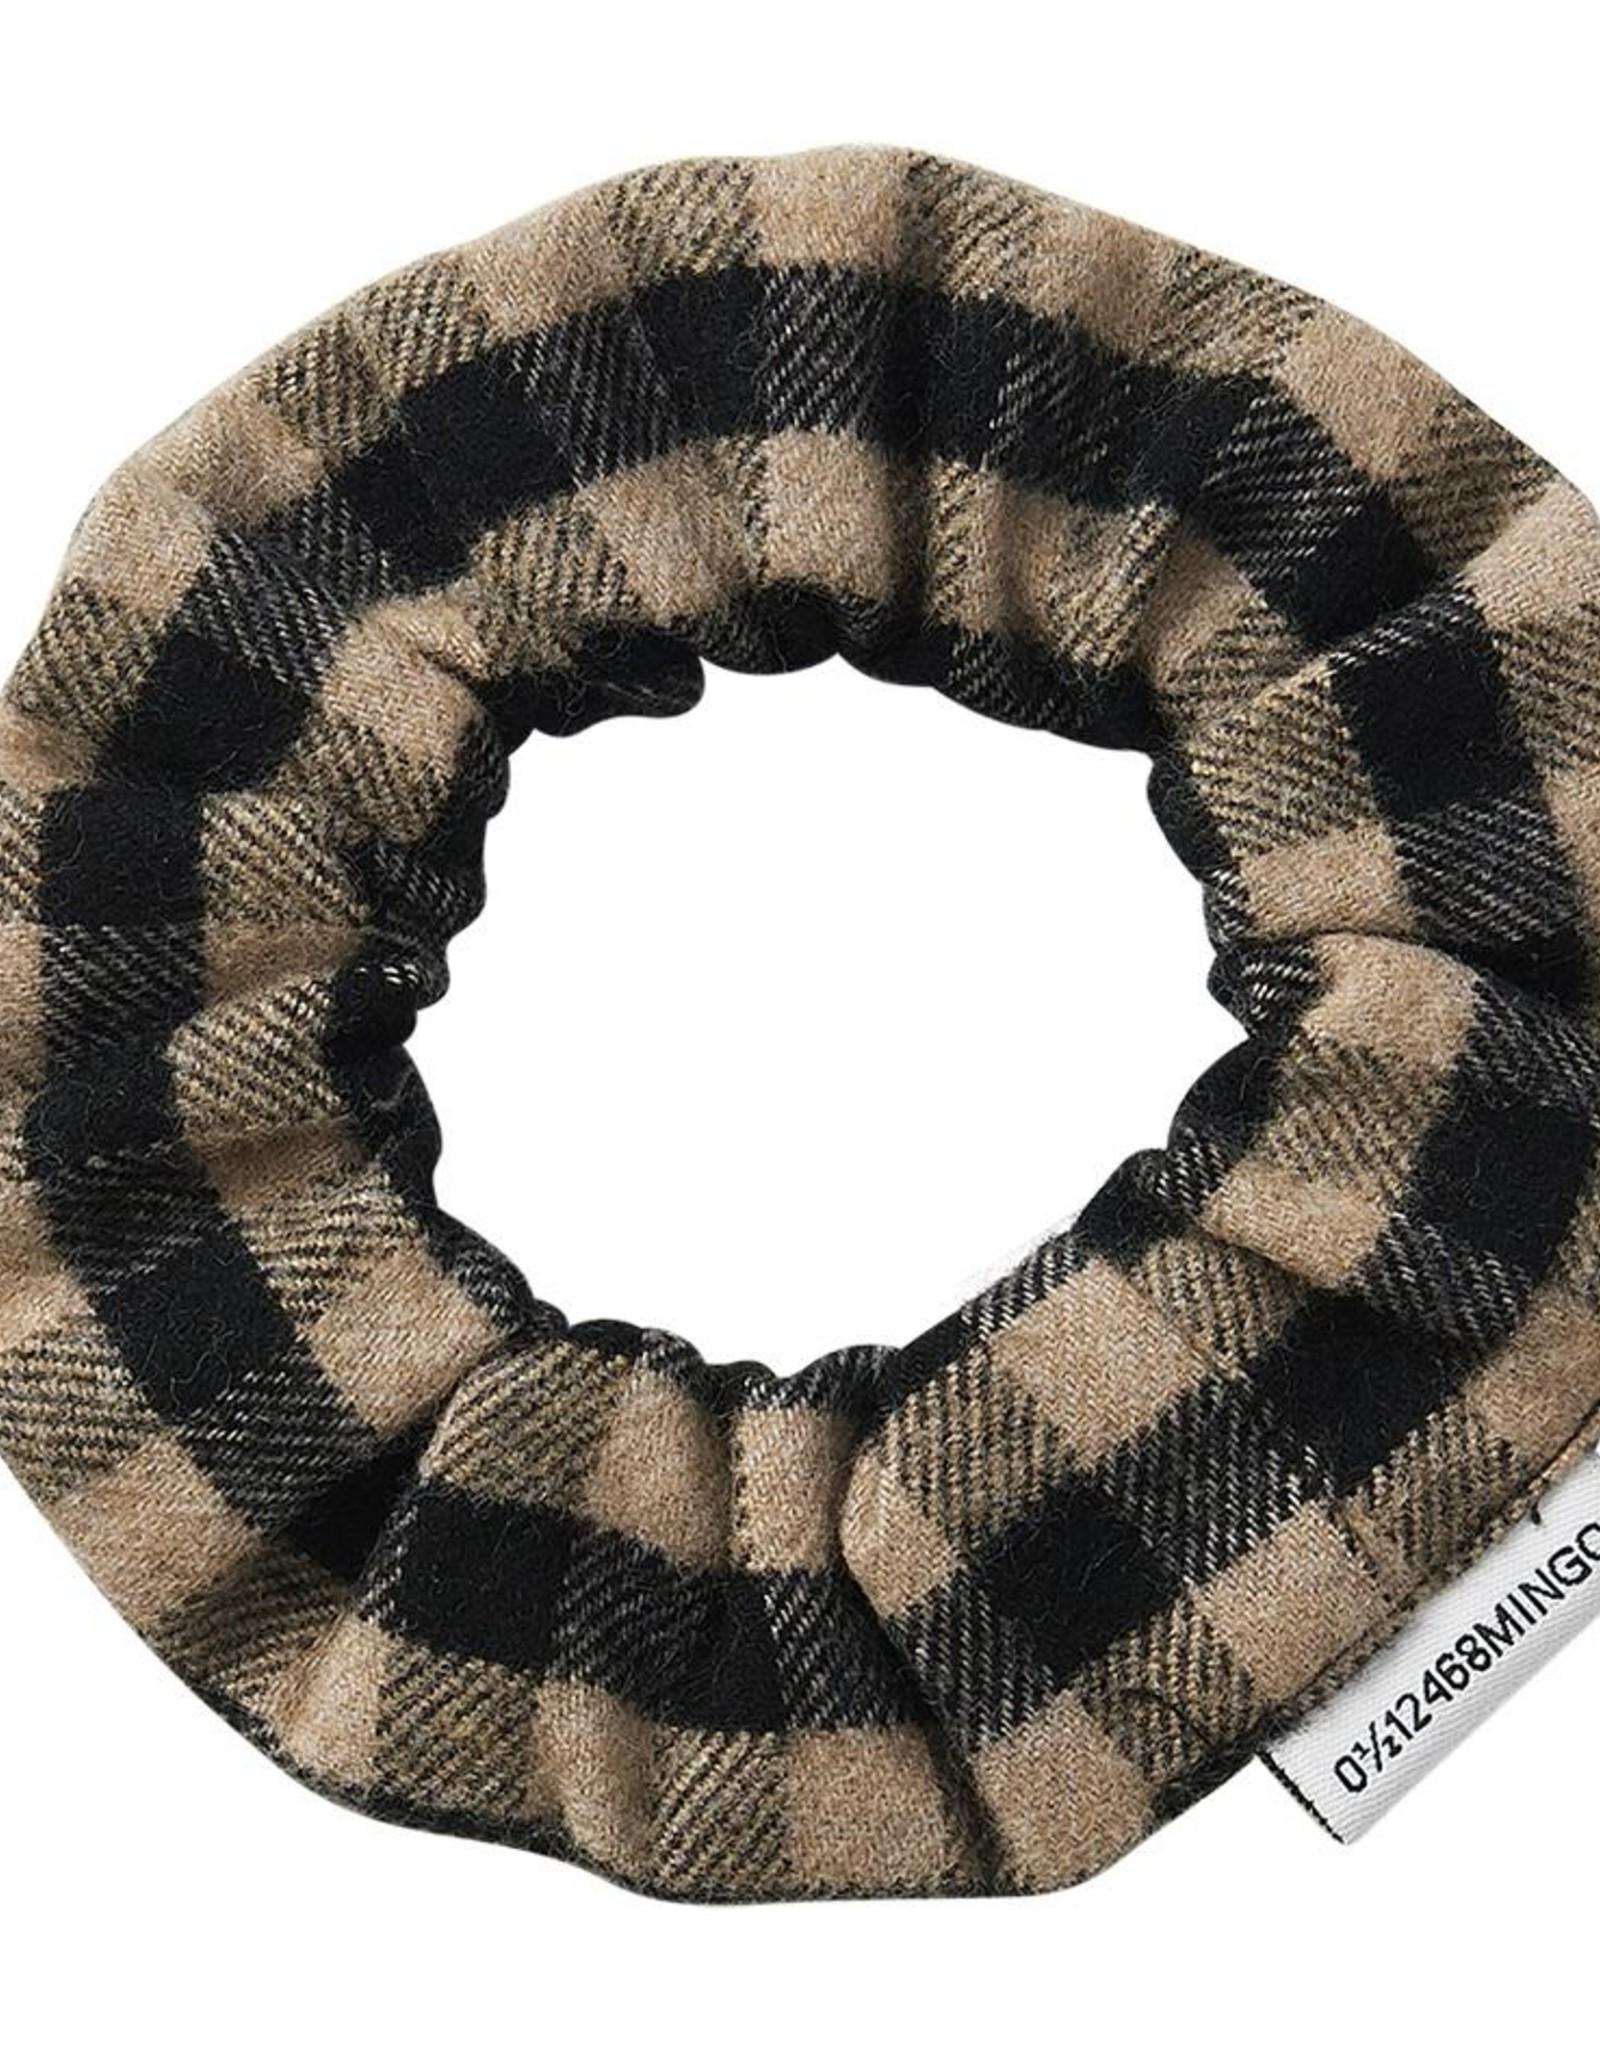 Mingo Flannel check scrunchie